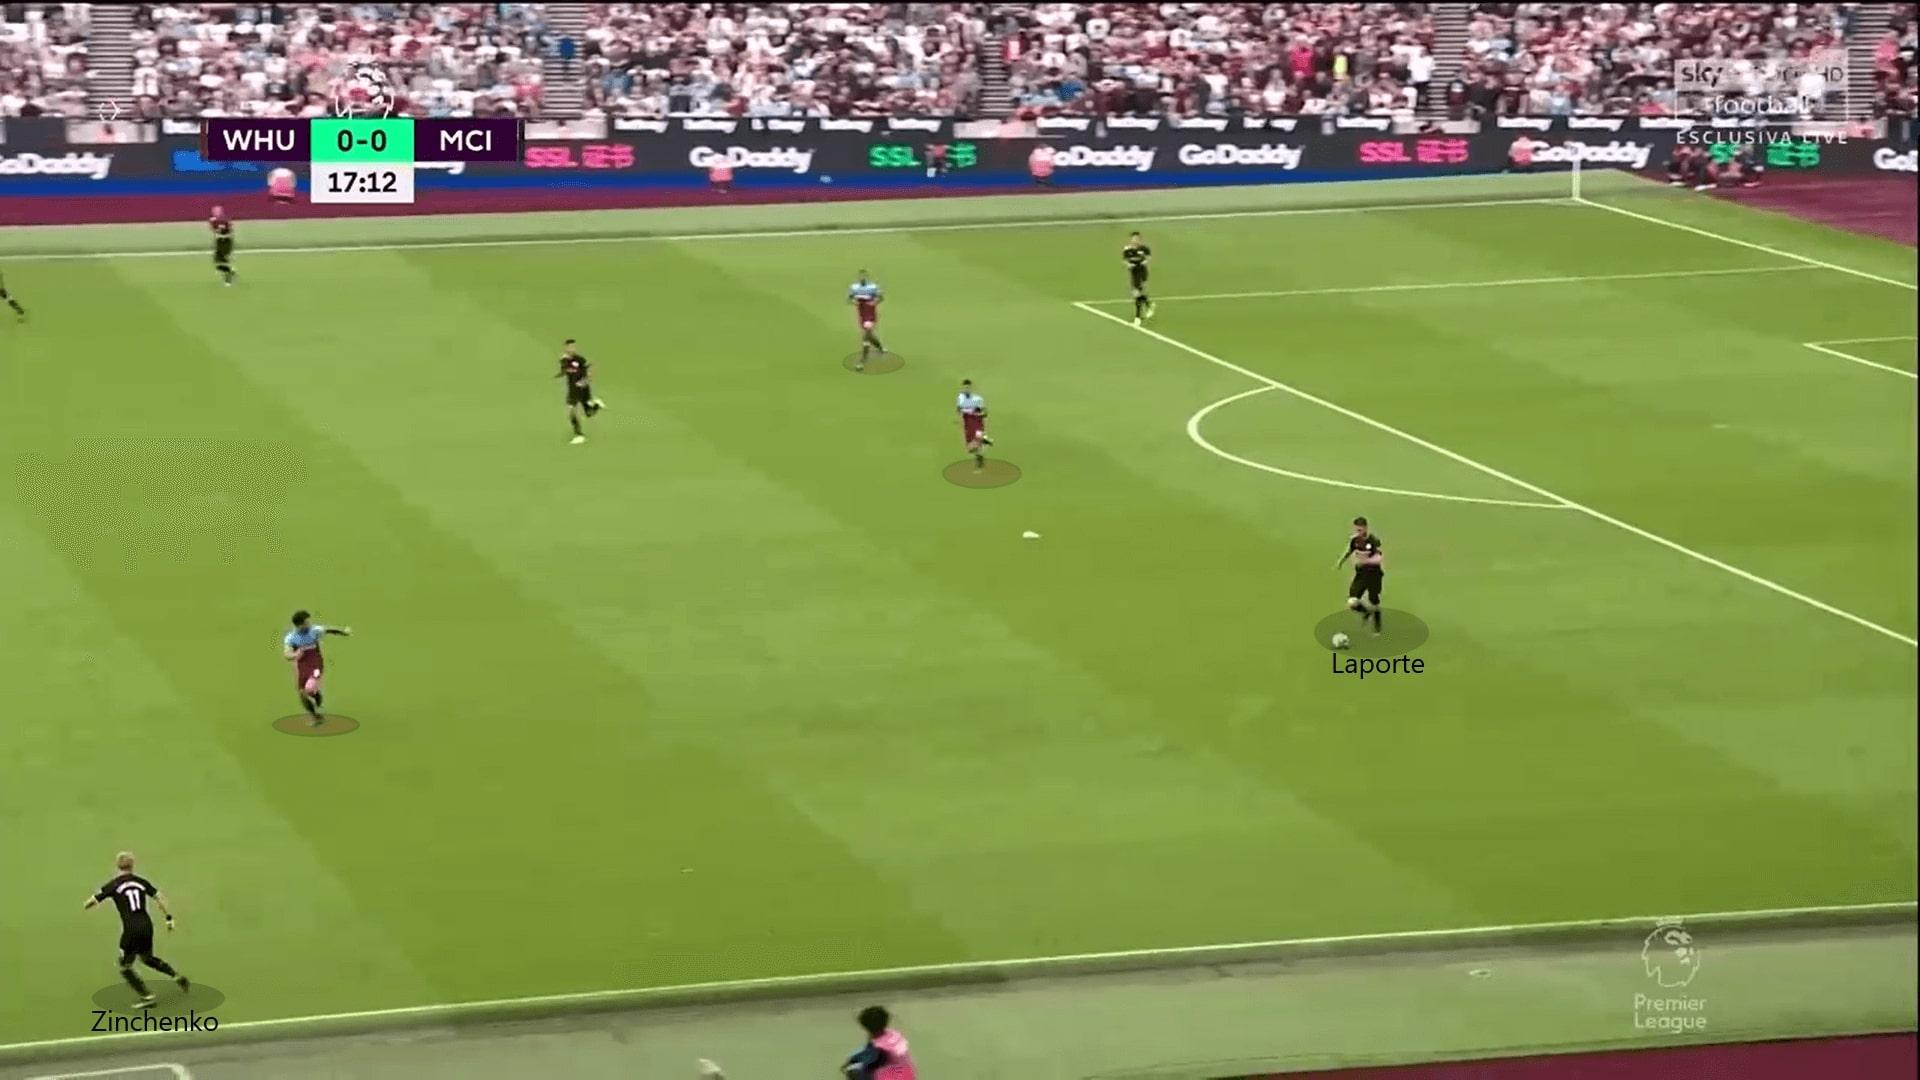 Premier League 2019/20: West Ham vs Manchester City - tactical analysis tactics